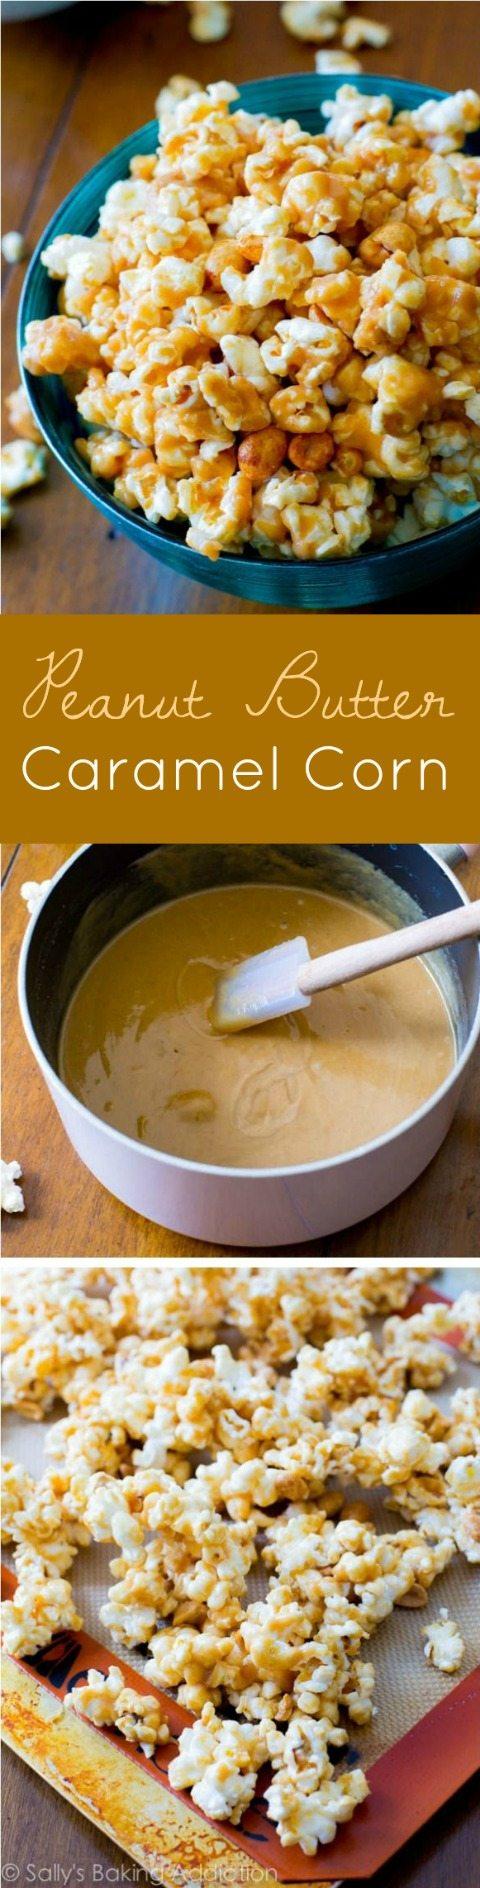 Comment faire du maïs au caramel collant, sucré, salé et complètement irrésistible au beurre d'arachide!